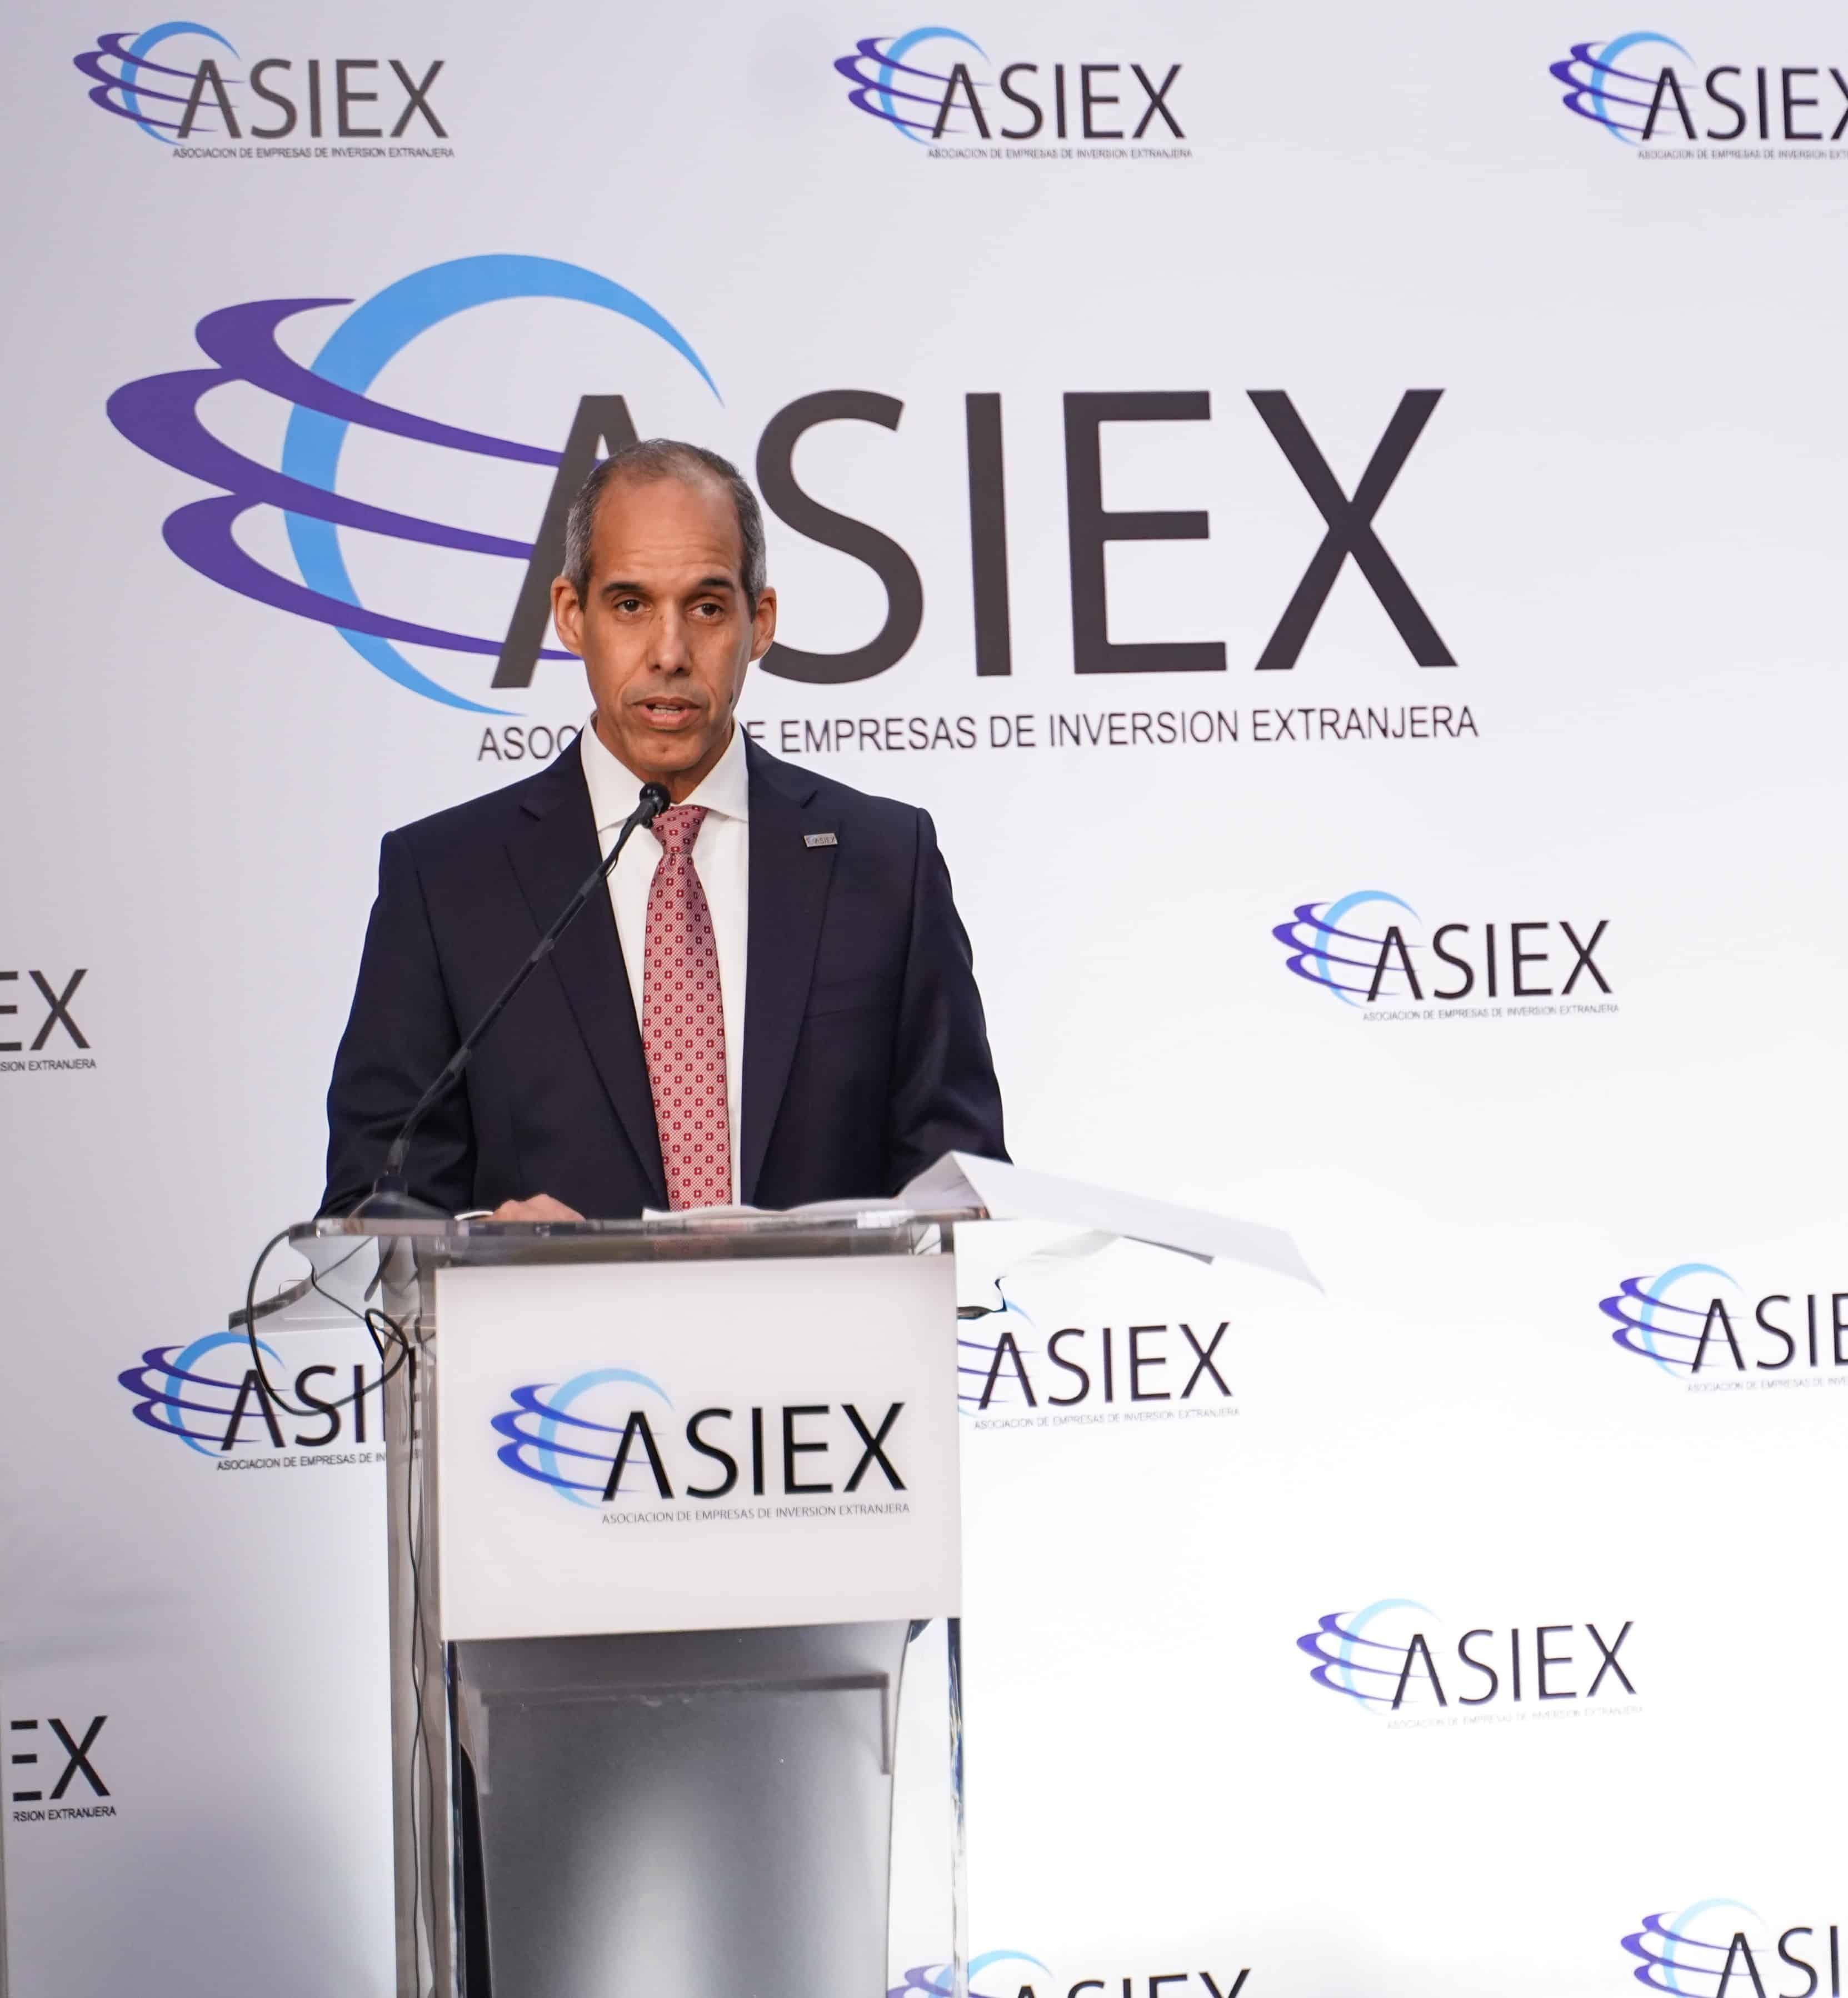 <p><strong>ASIEX exhorta a un proceso electoral c&iacute;vico cuidando las medidas sanitarias</strong></p>